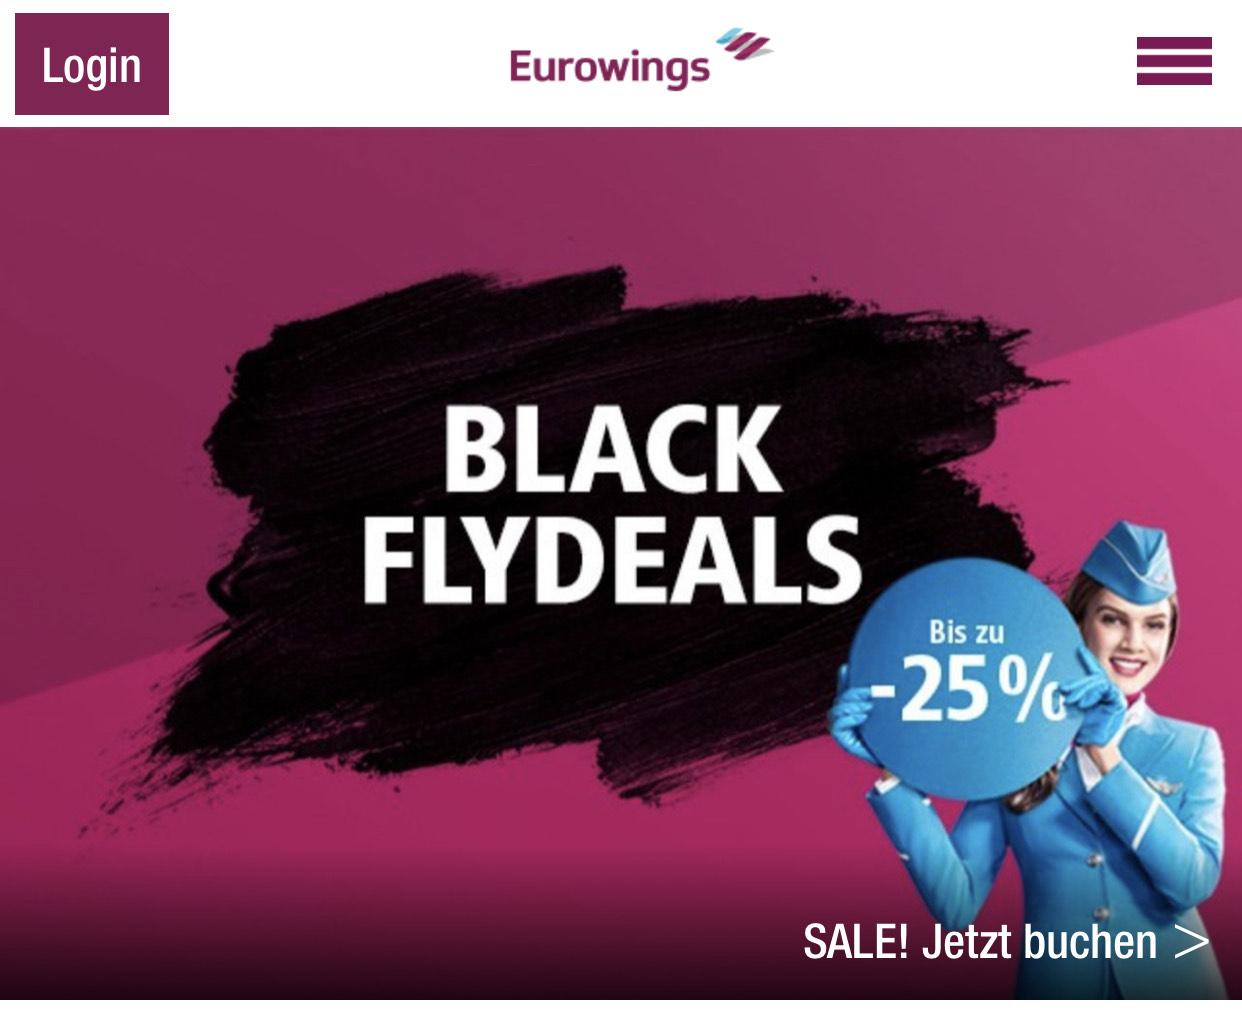 Black Flydeals Eurowings bis 25% Rabatt